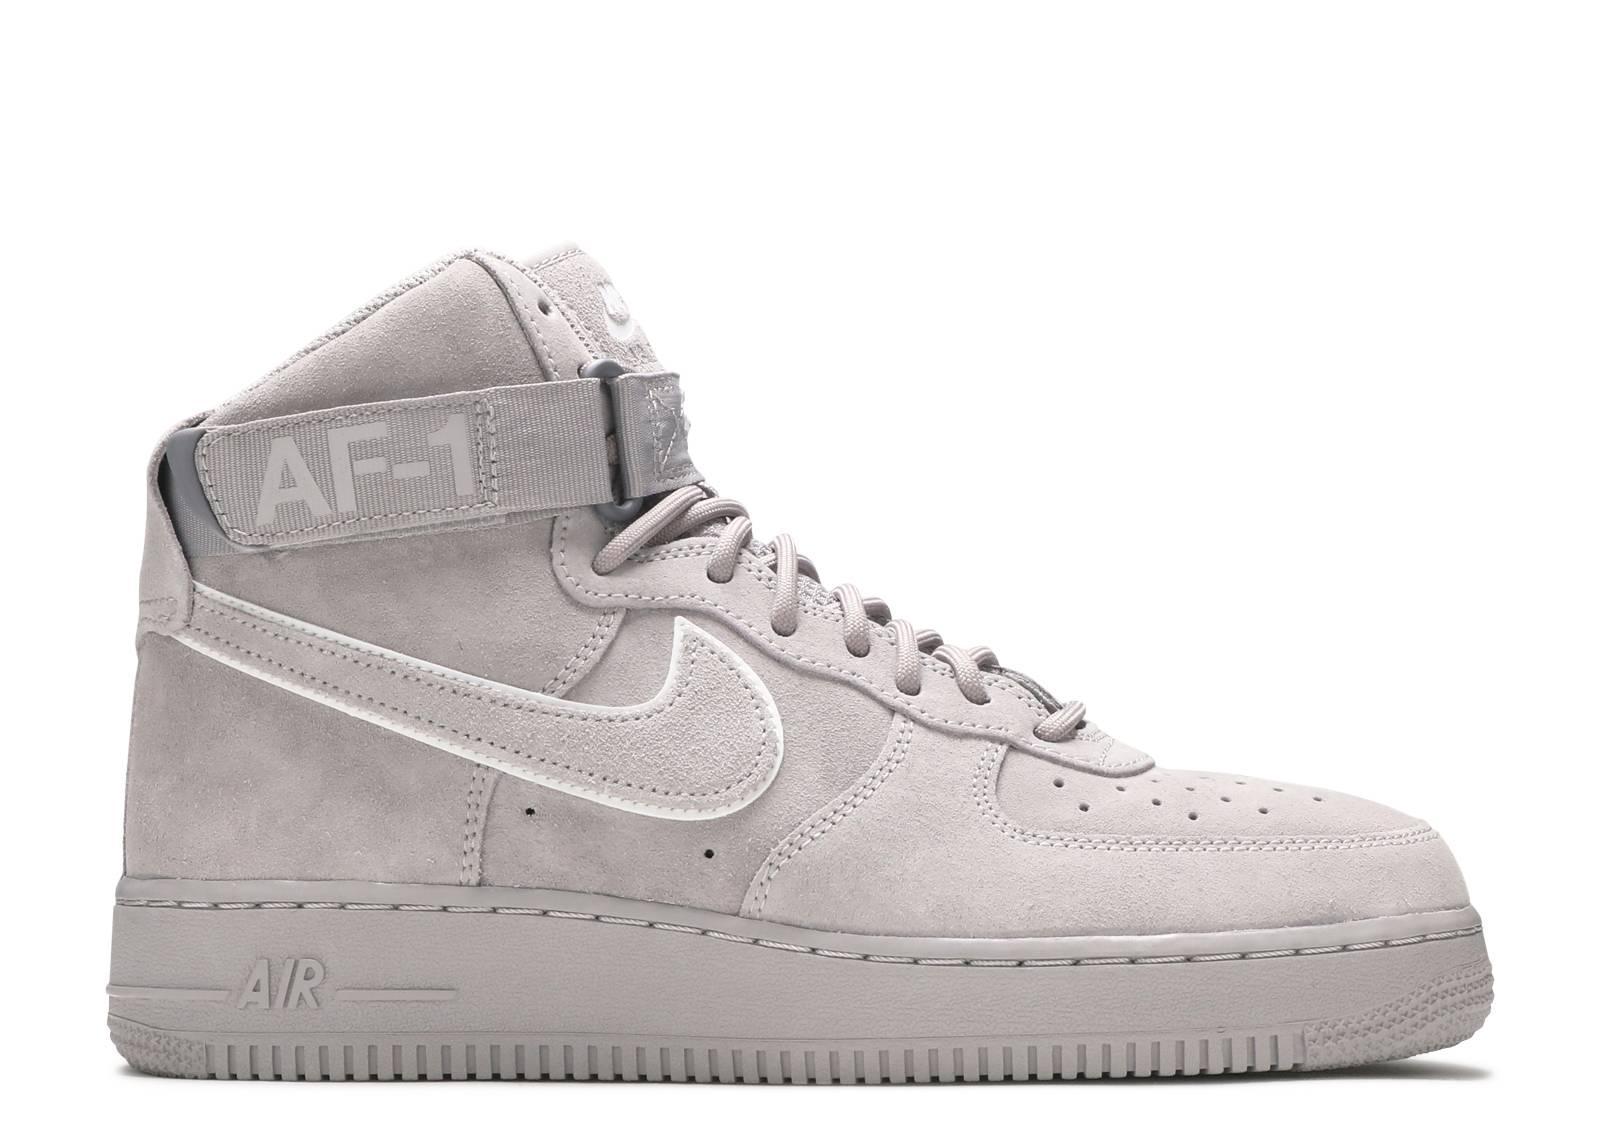 finalizando siete y media cobija  Air Force 1 High '07 LV8 Suede 'Atmosphere Grey' - Nike - AA1118 003 -  atmosphere grey/gunsmoke/summit white/atmosphere grey | Flight Club